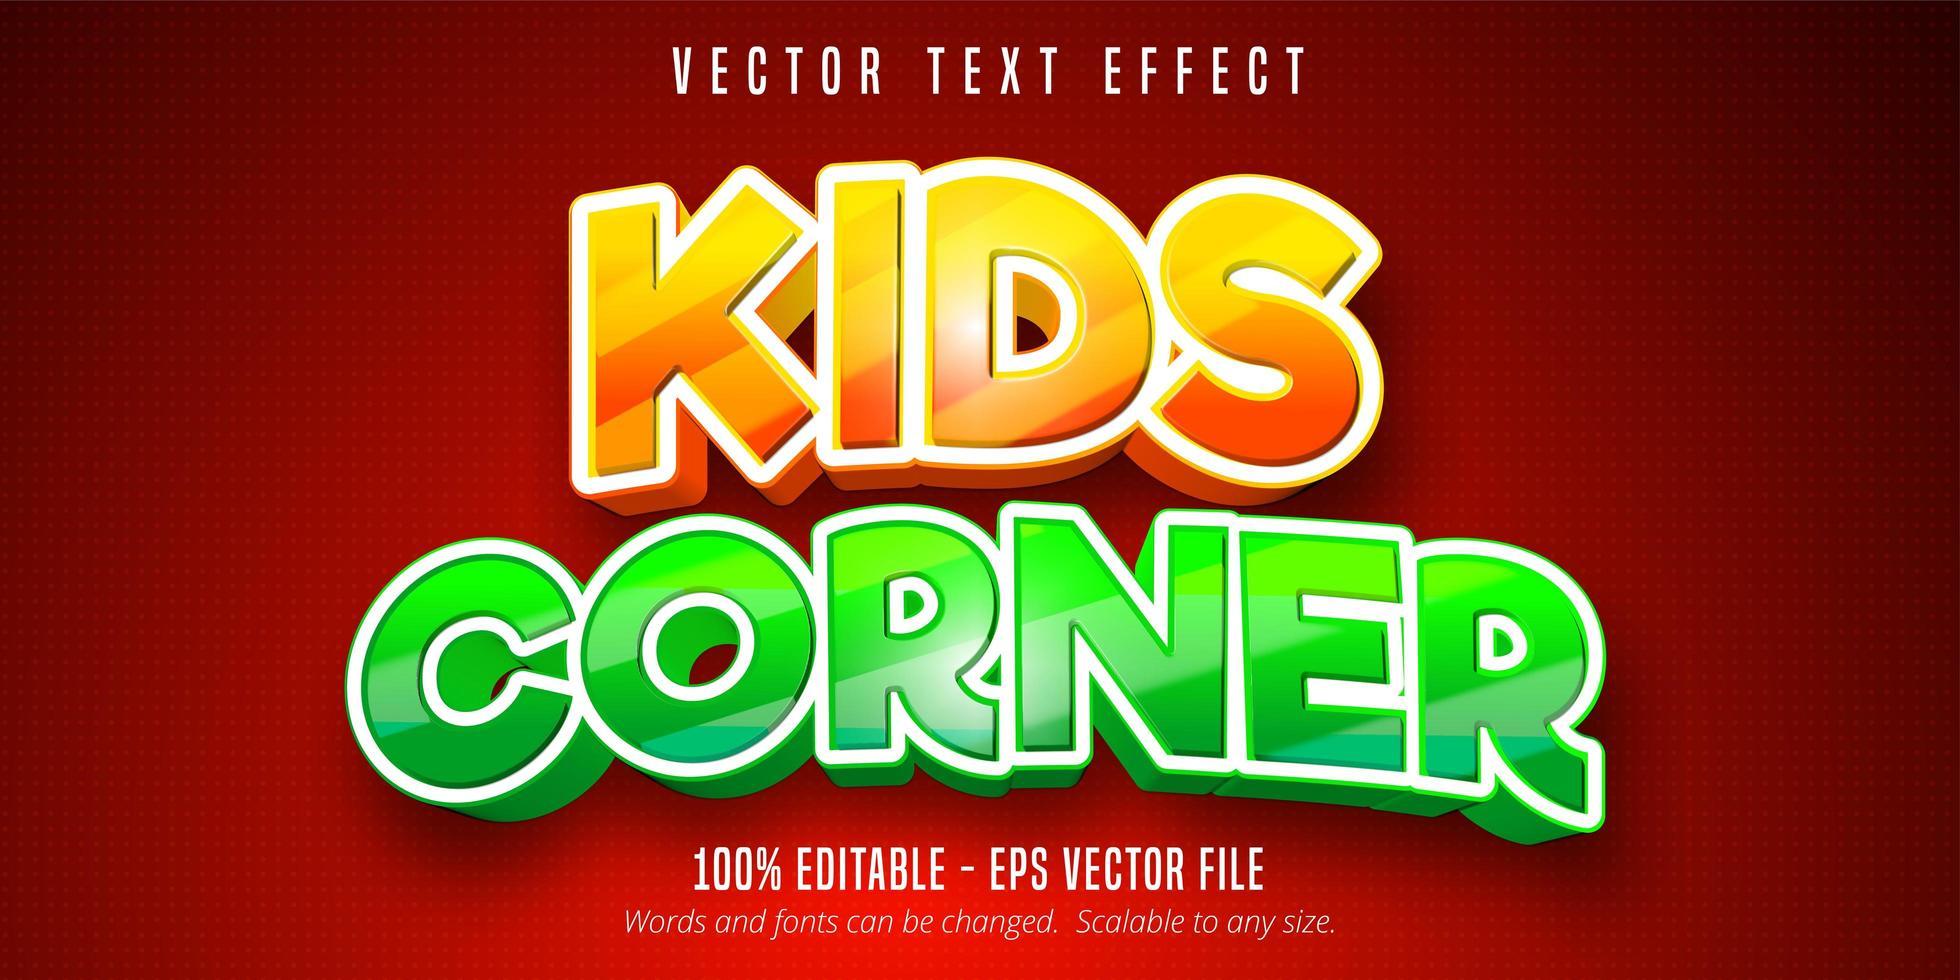 efeito de texto editável de estilo cômico de canto de crianças vetor